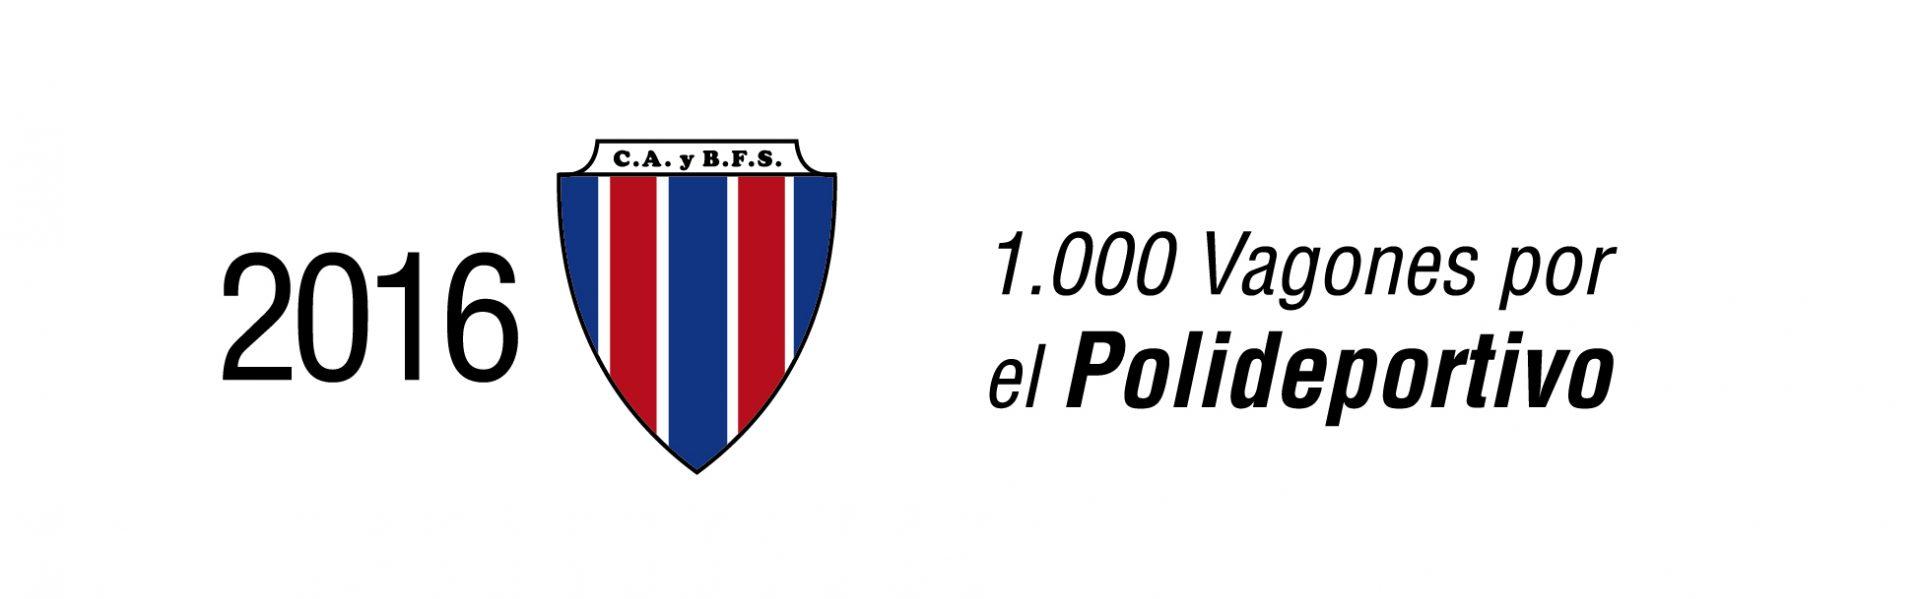 1000 Vagones por el Polideportivo